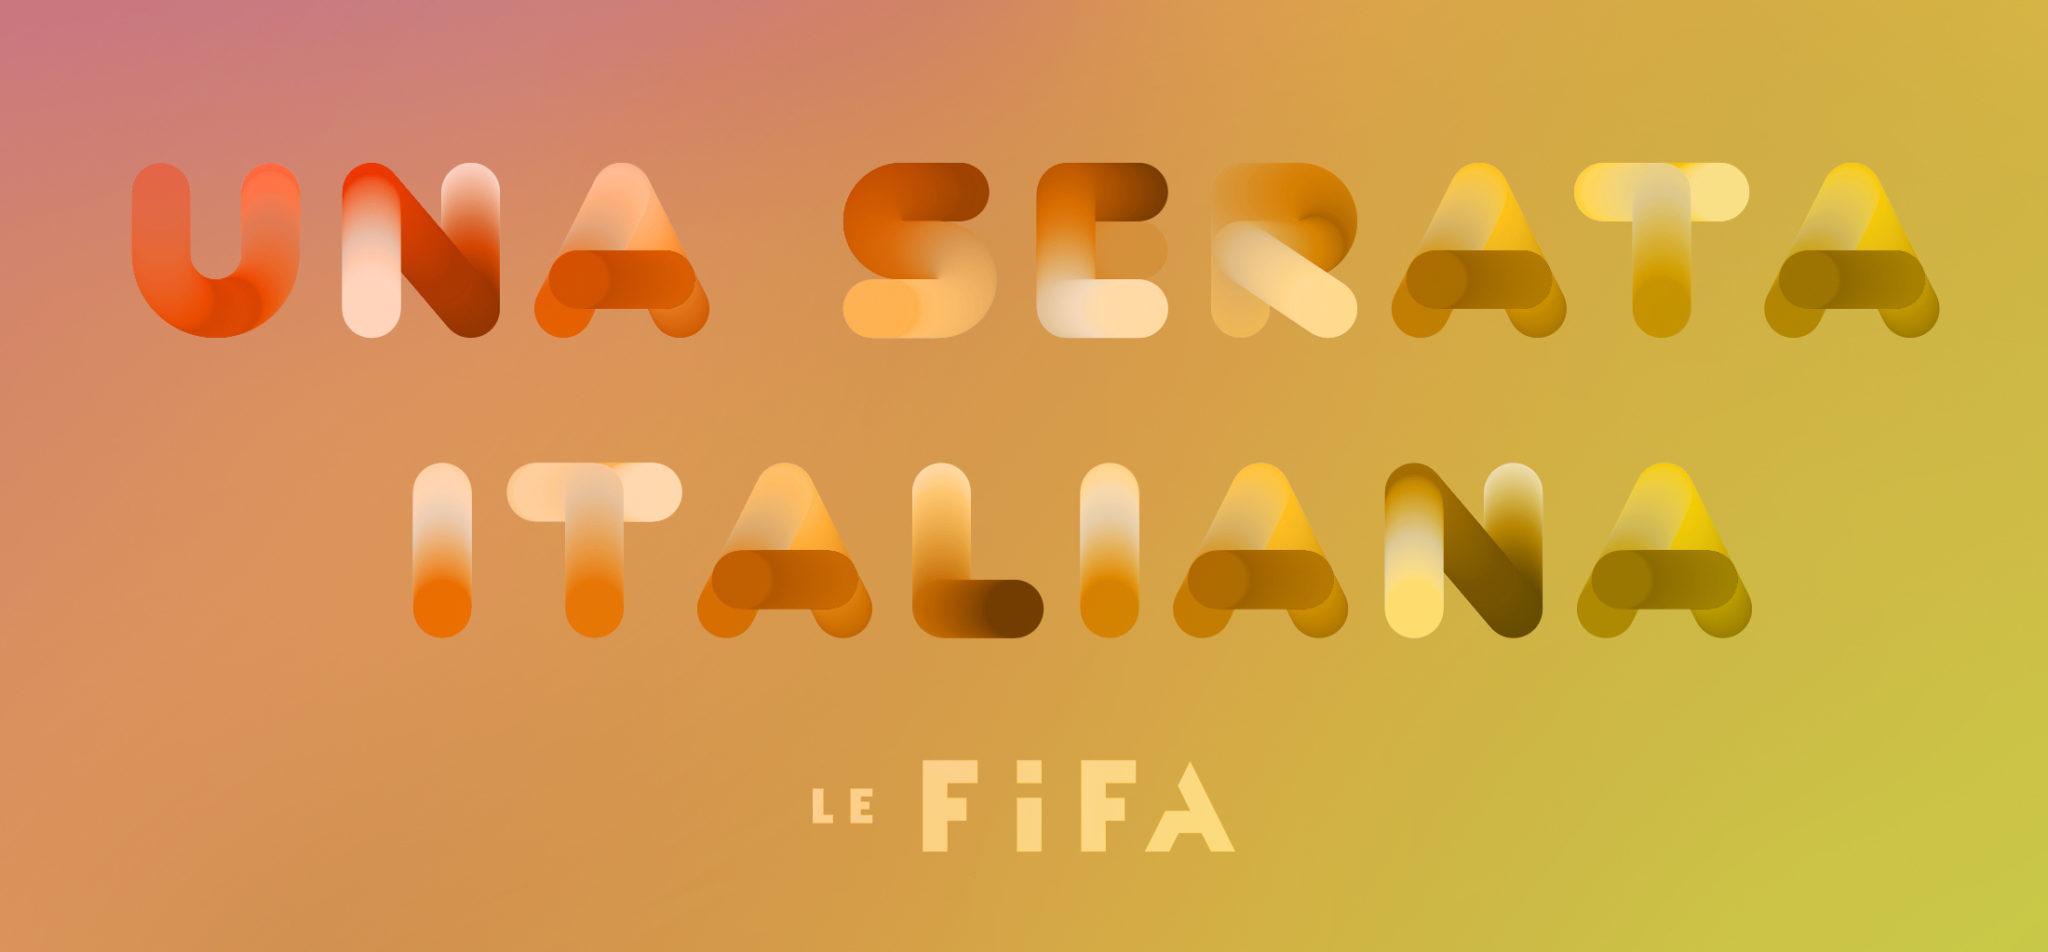 Soirée-bénéfice du FIFA, une invitation à célébrer l'Italie et les arts!